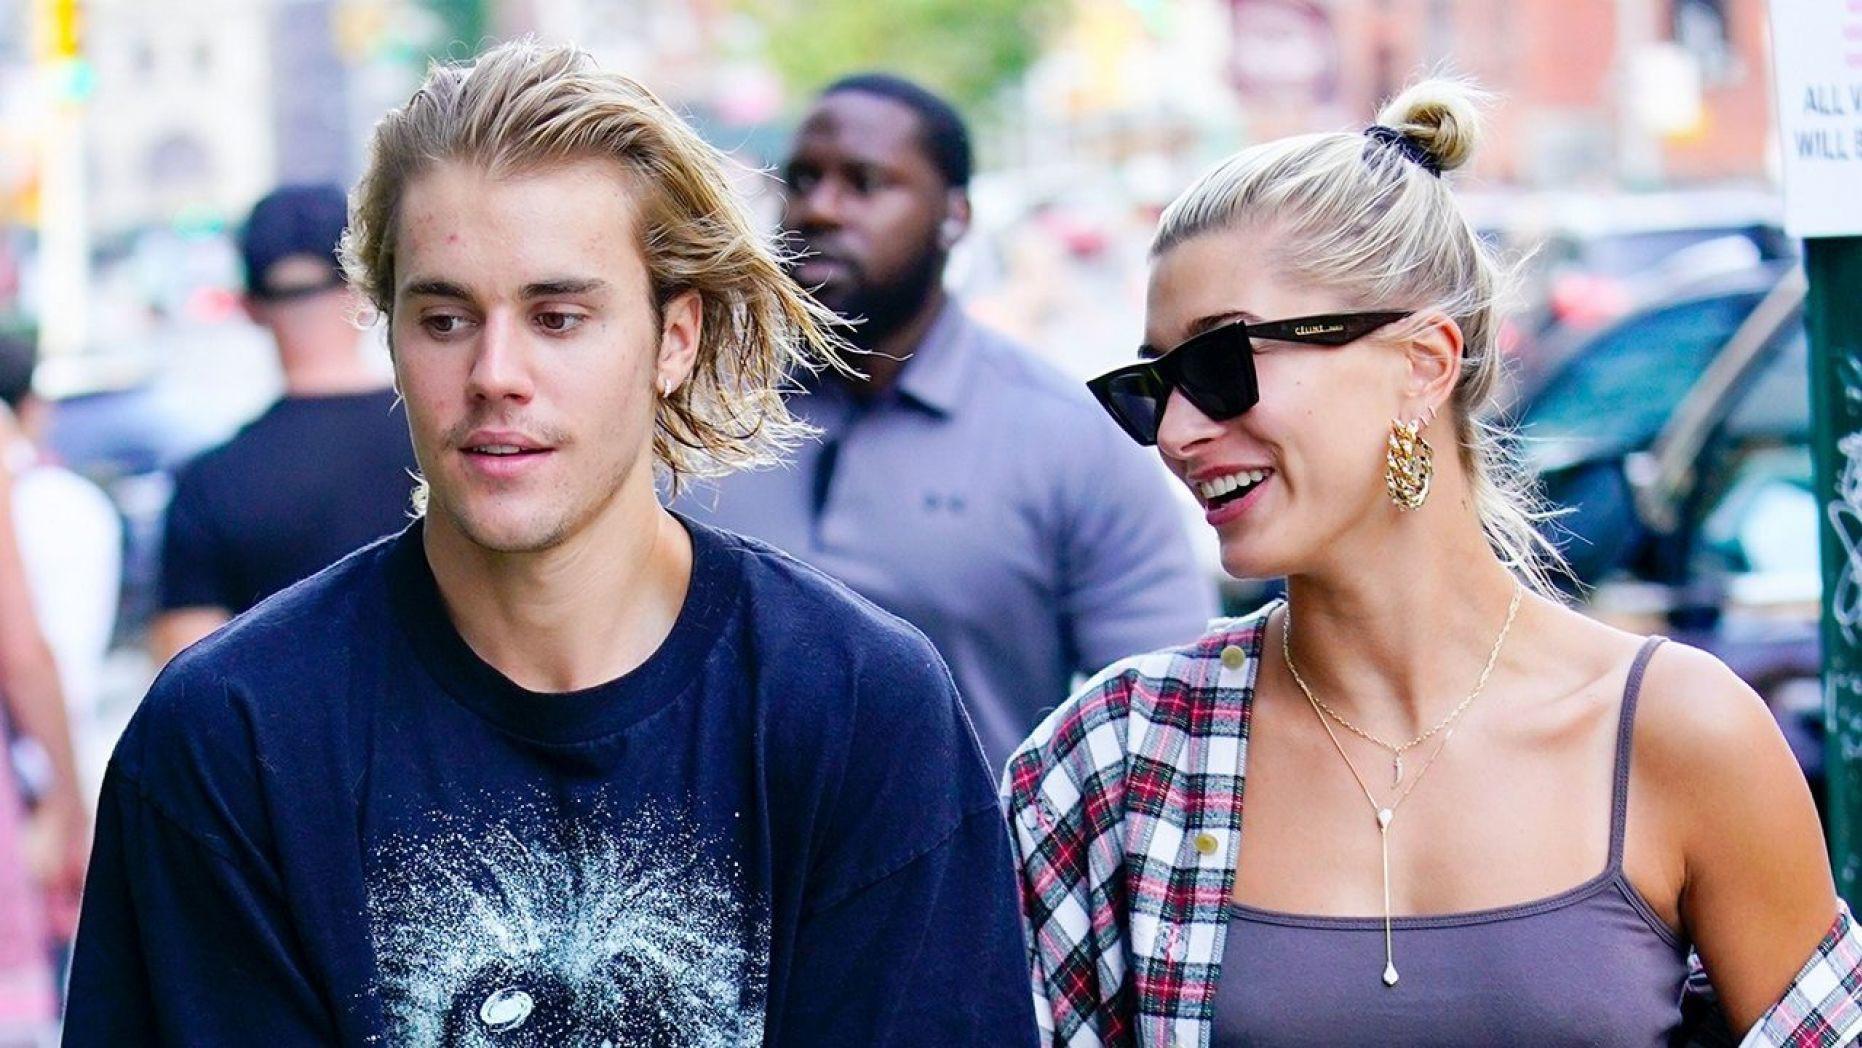 Justin Bieber khoe ảnh khóa môi với Hailey, nhưng gây chú ý hơn là làn da chi chít mụn của anh chàng - Ảnh 2.